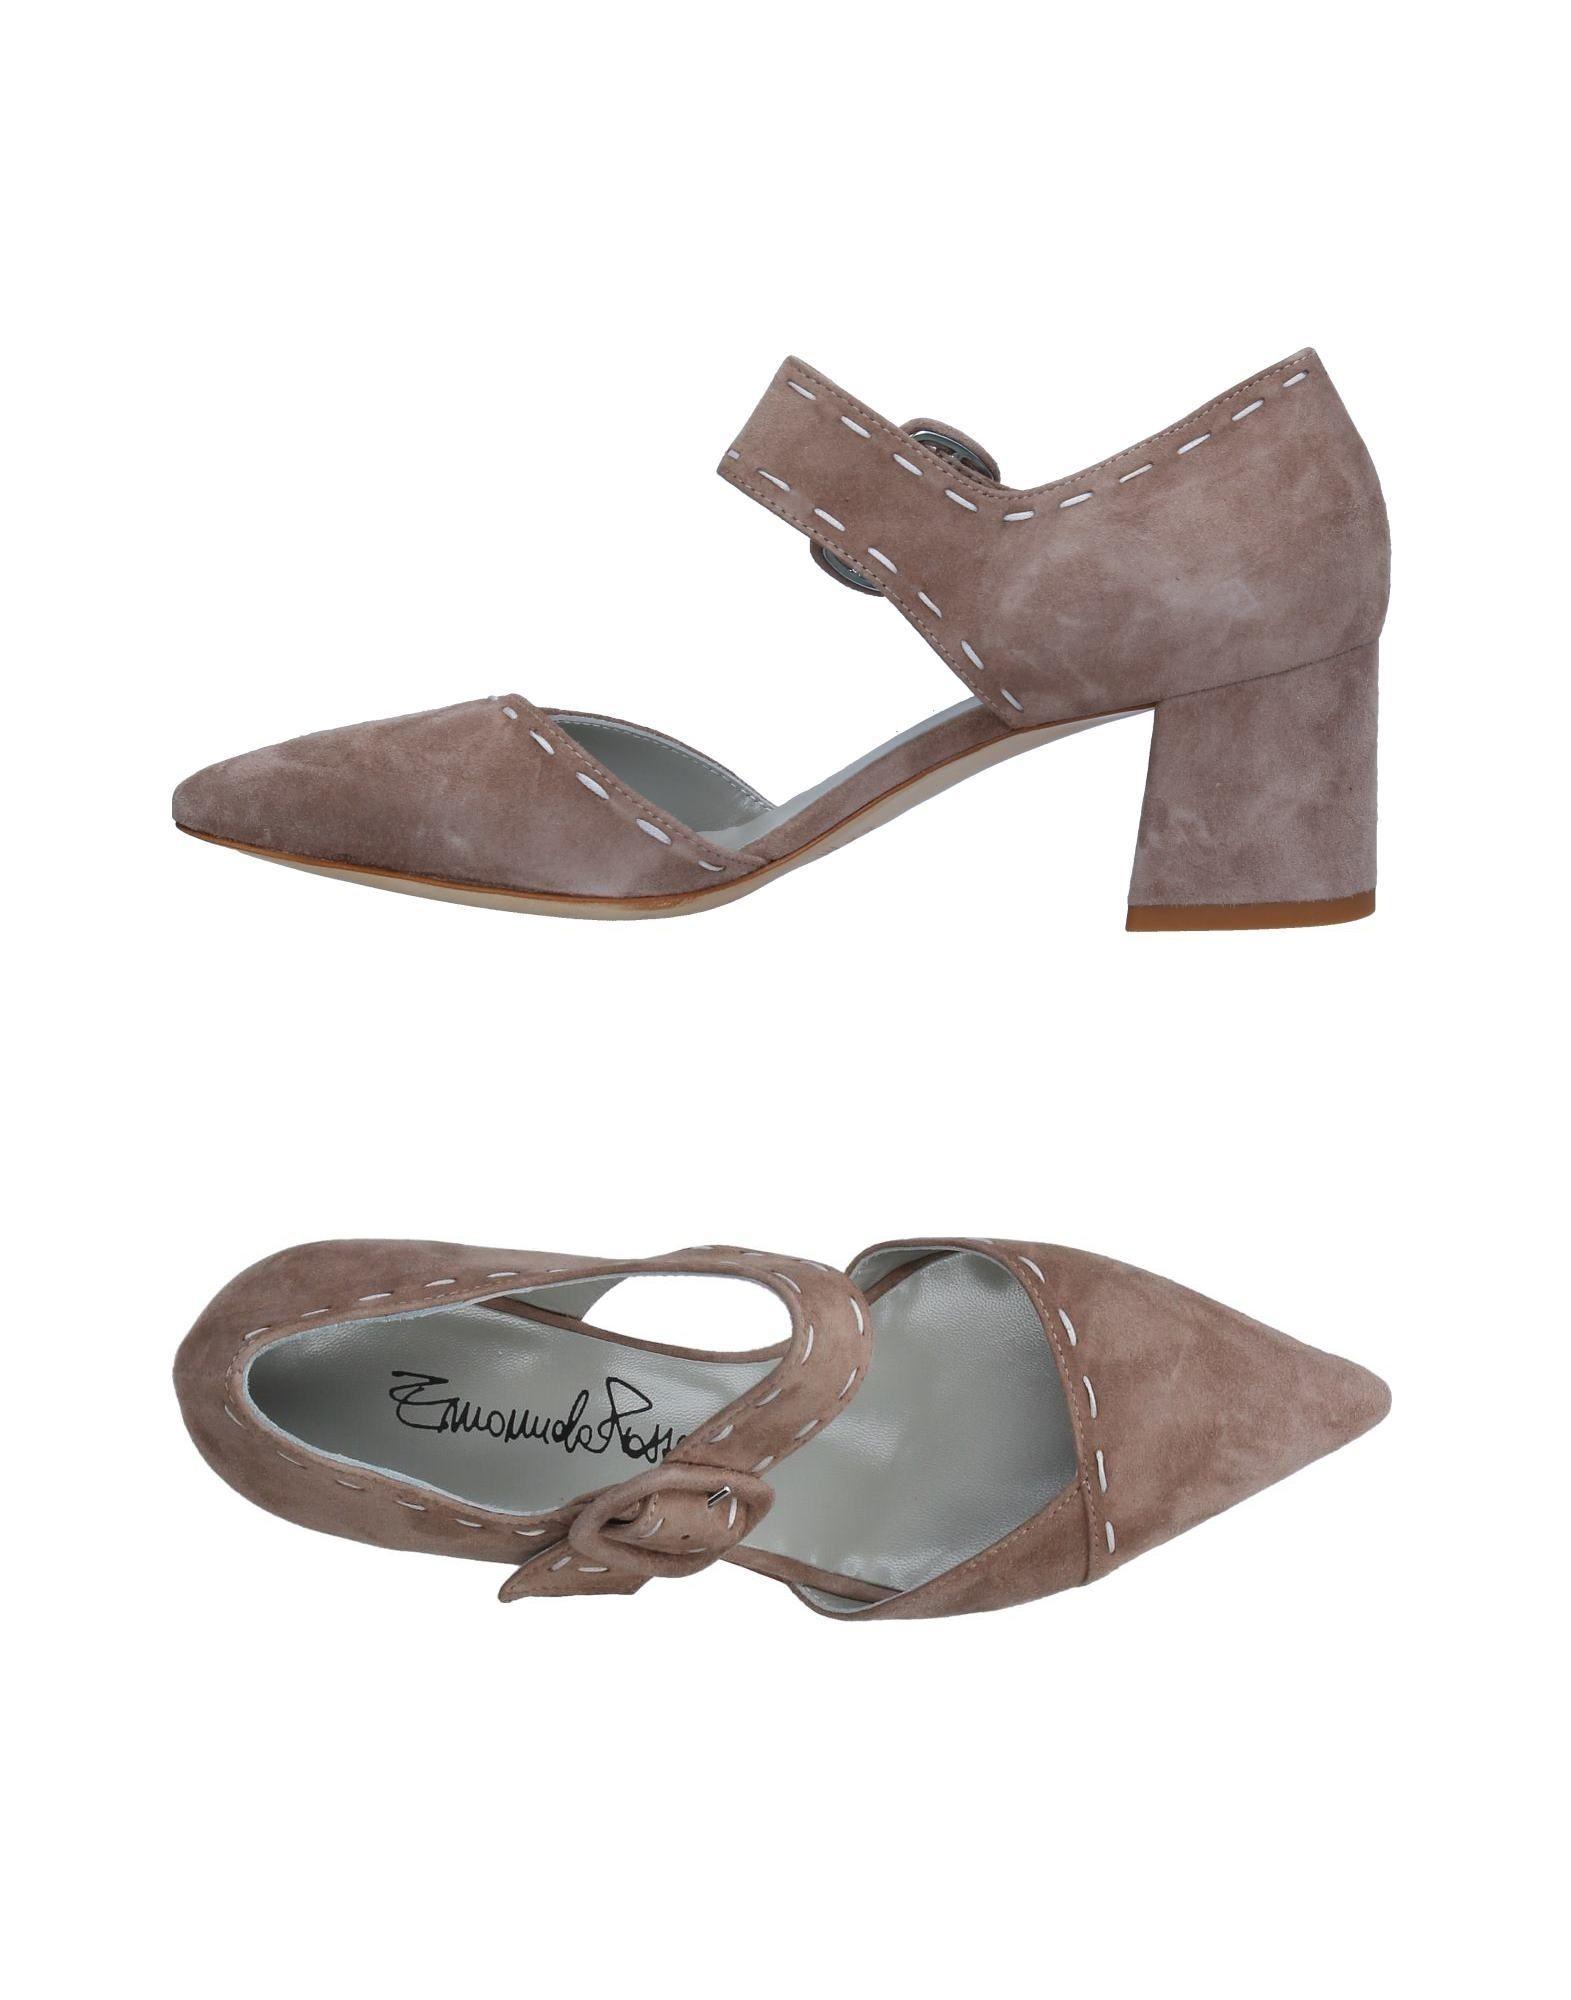 Emanuela Passeri Pumps Damen  11331763SO Gute Qualität beliebte Schuhe